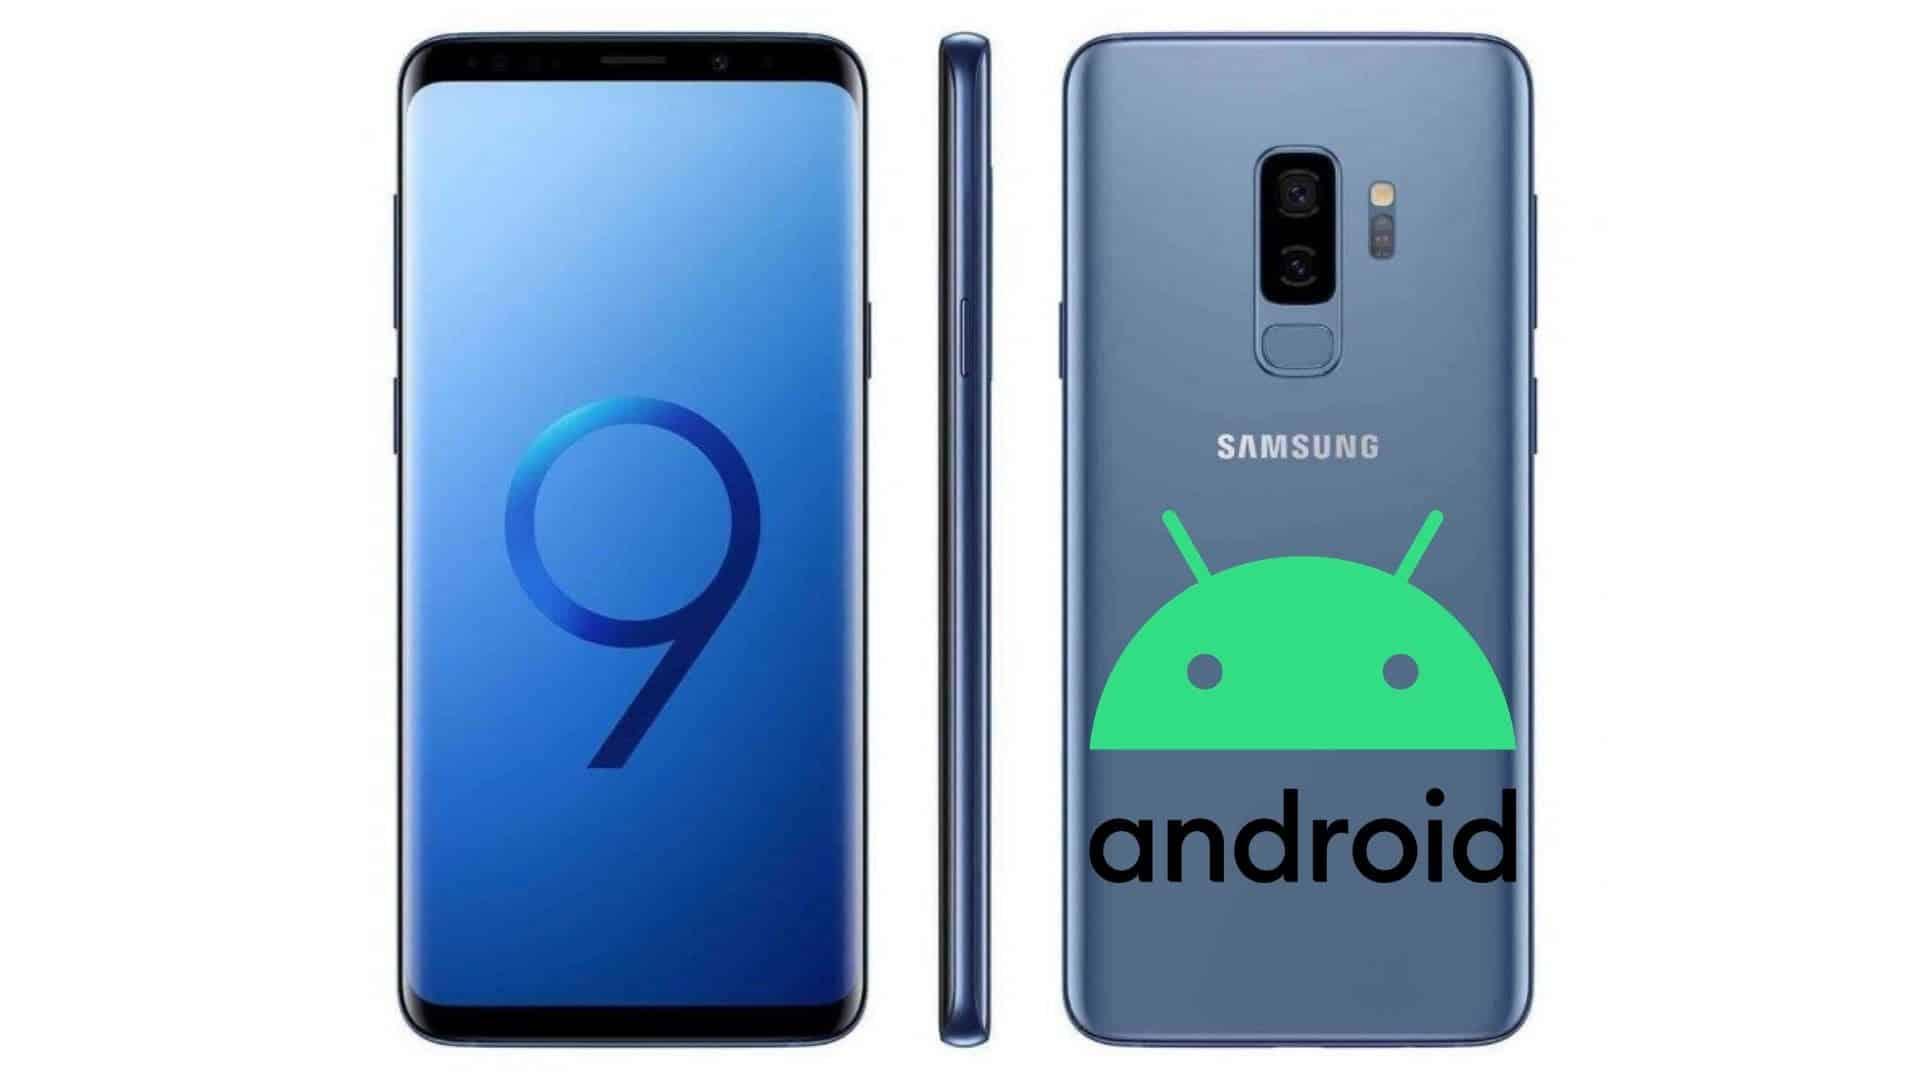 DIGBUSEL - Samsung Galaxy S9 Dan S9 Plus Mulai Menerima Pembaruan One UI 2.1